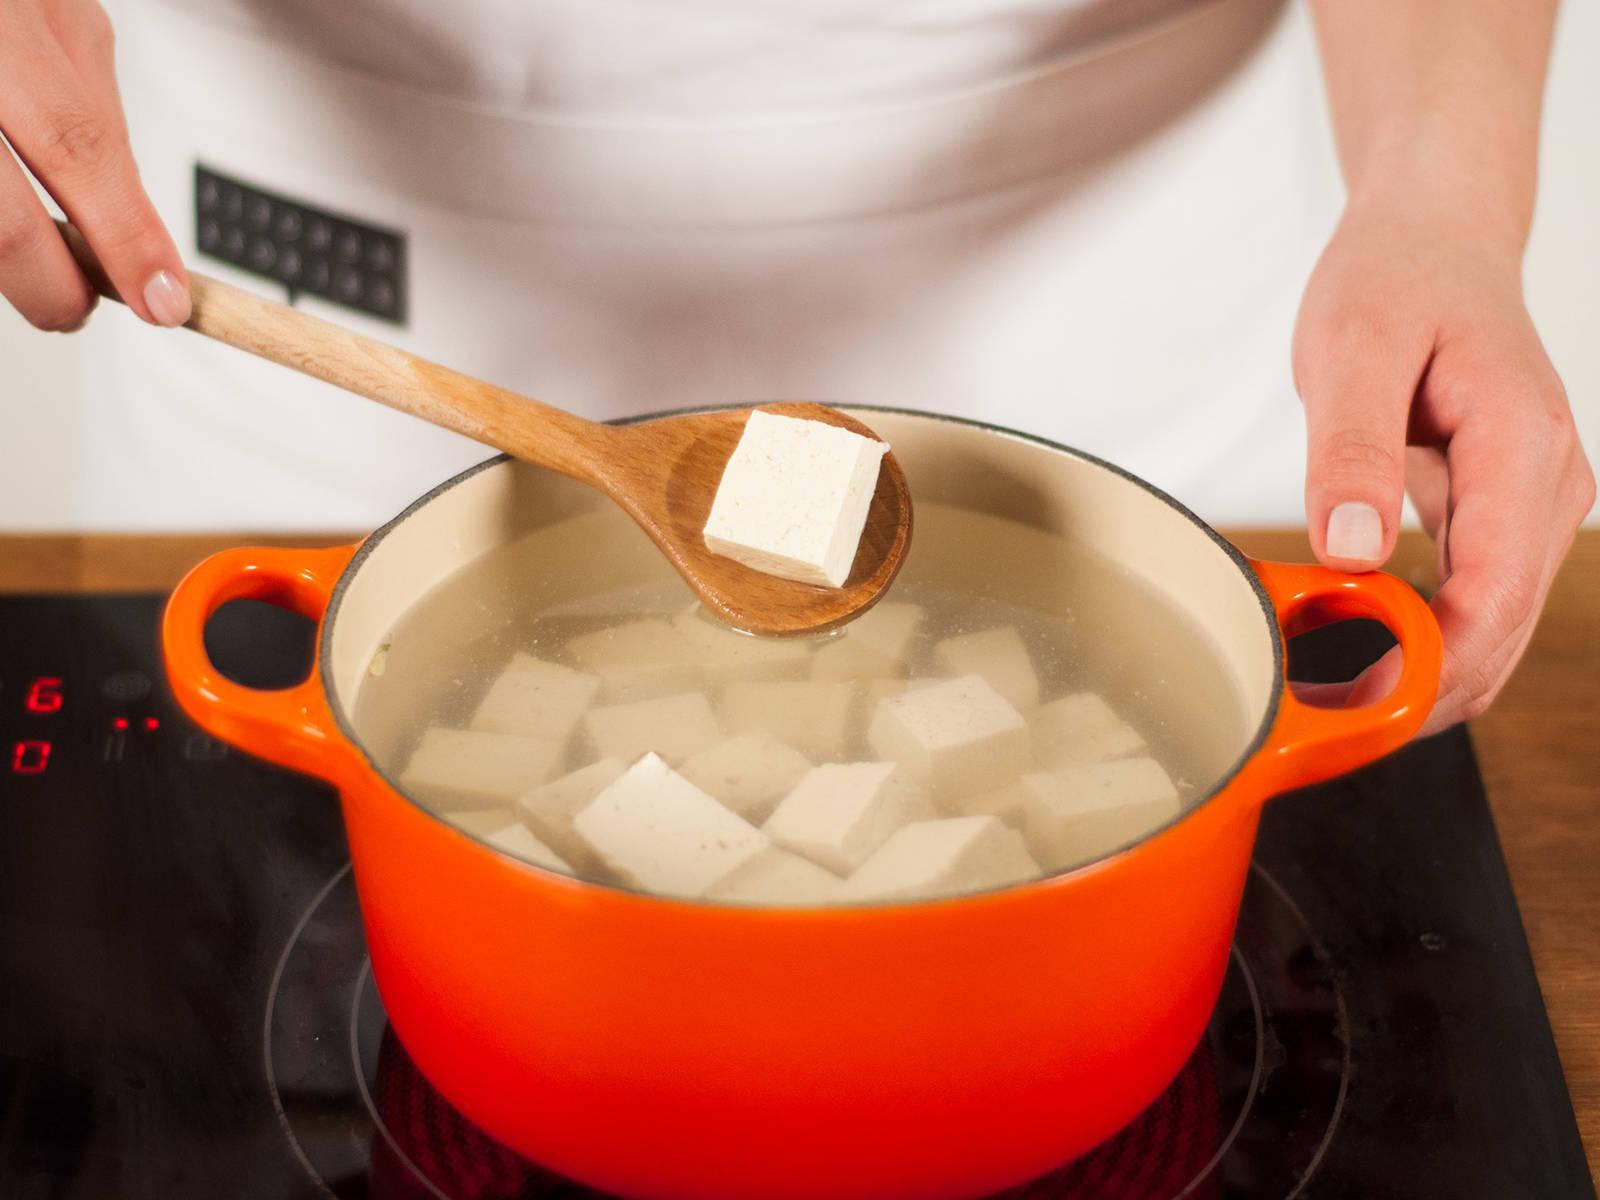 Wasser in einen kleinen Topf geben und zum Kochen bringen. Tofu ins kochende Wasser geben und für ca. 3-5 Min., bis die Tofuwürfel  an die Wasseroberfläche steigen, kochen. Abtropfen lassen.